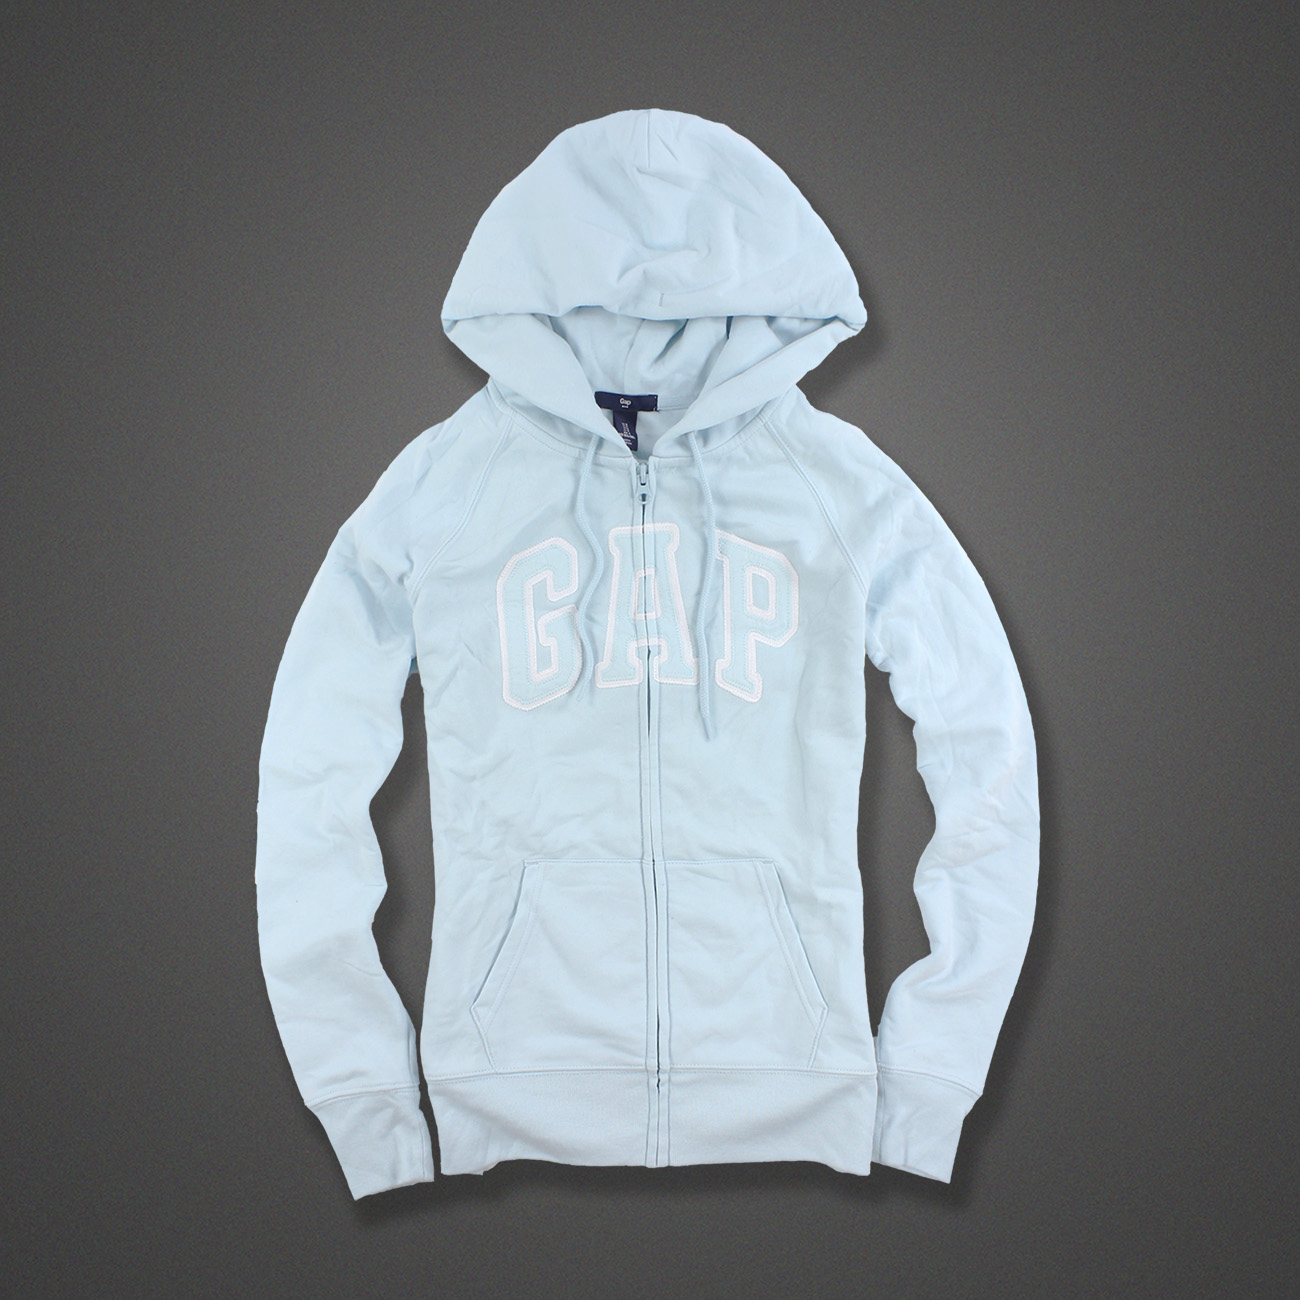 美國百分百【全新真品】GAP 外套 上衣 長袖 連帽 LOGO 貼布 現貨 女 S號 淺藍色 E926